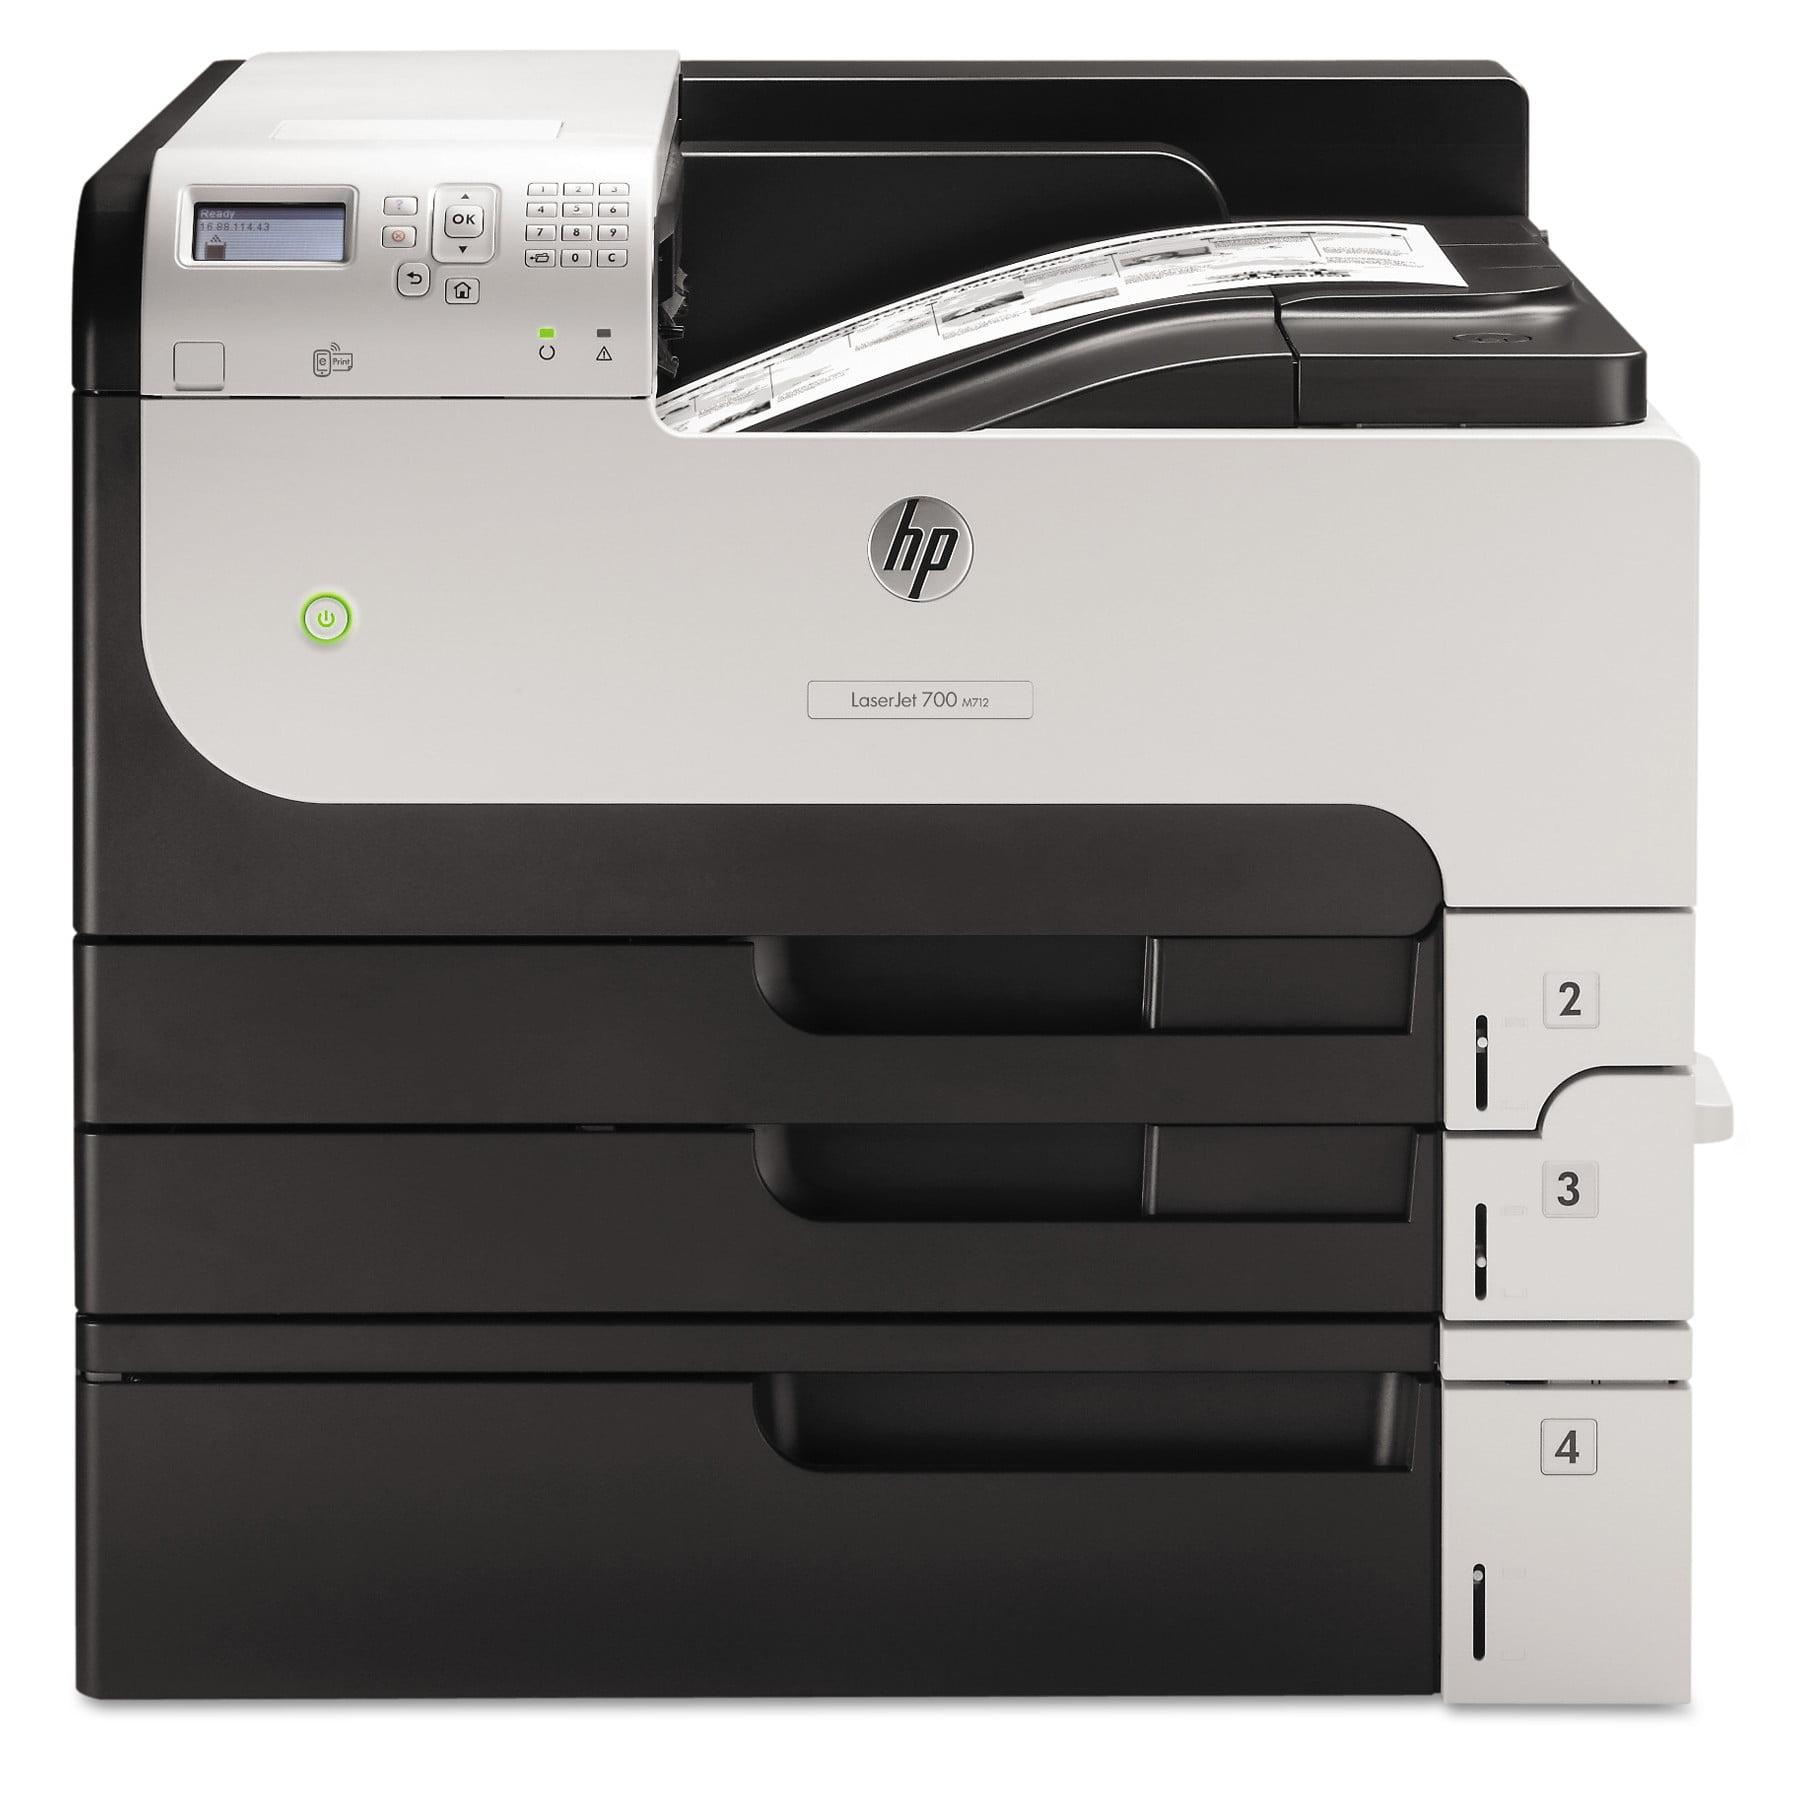 HP LaserJet Enterprise 700 M712xh Laser Printer -HEWCF238A